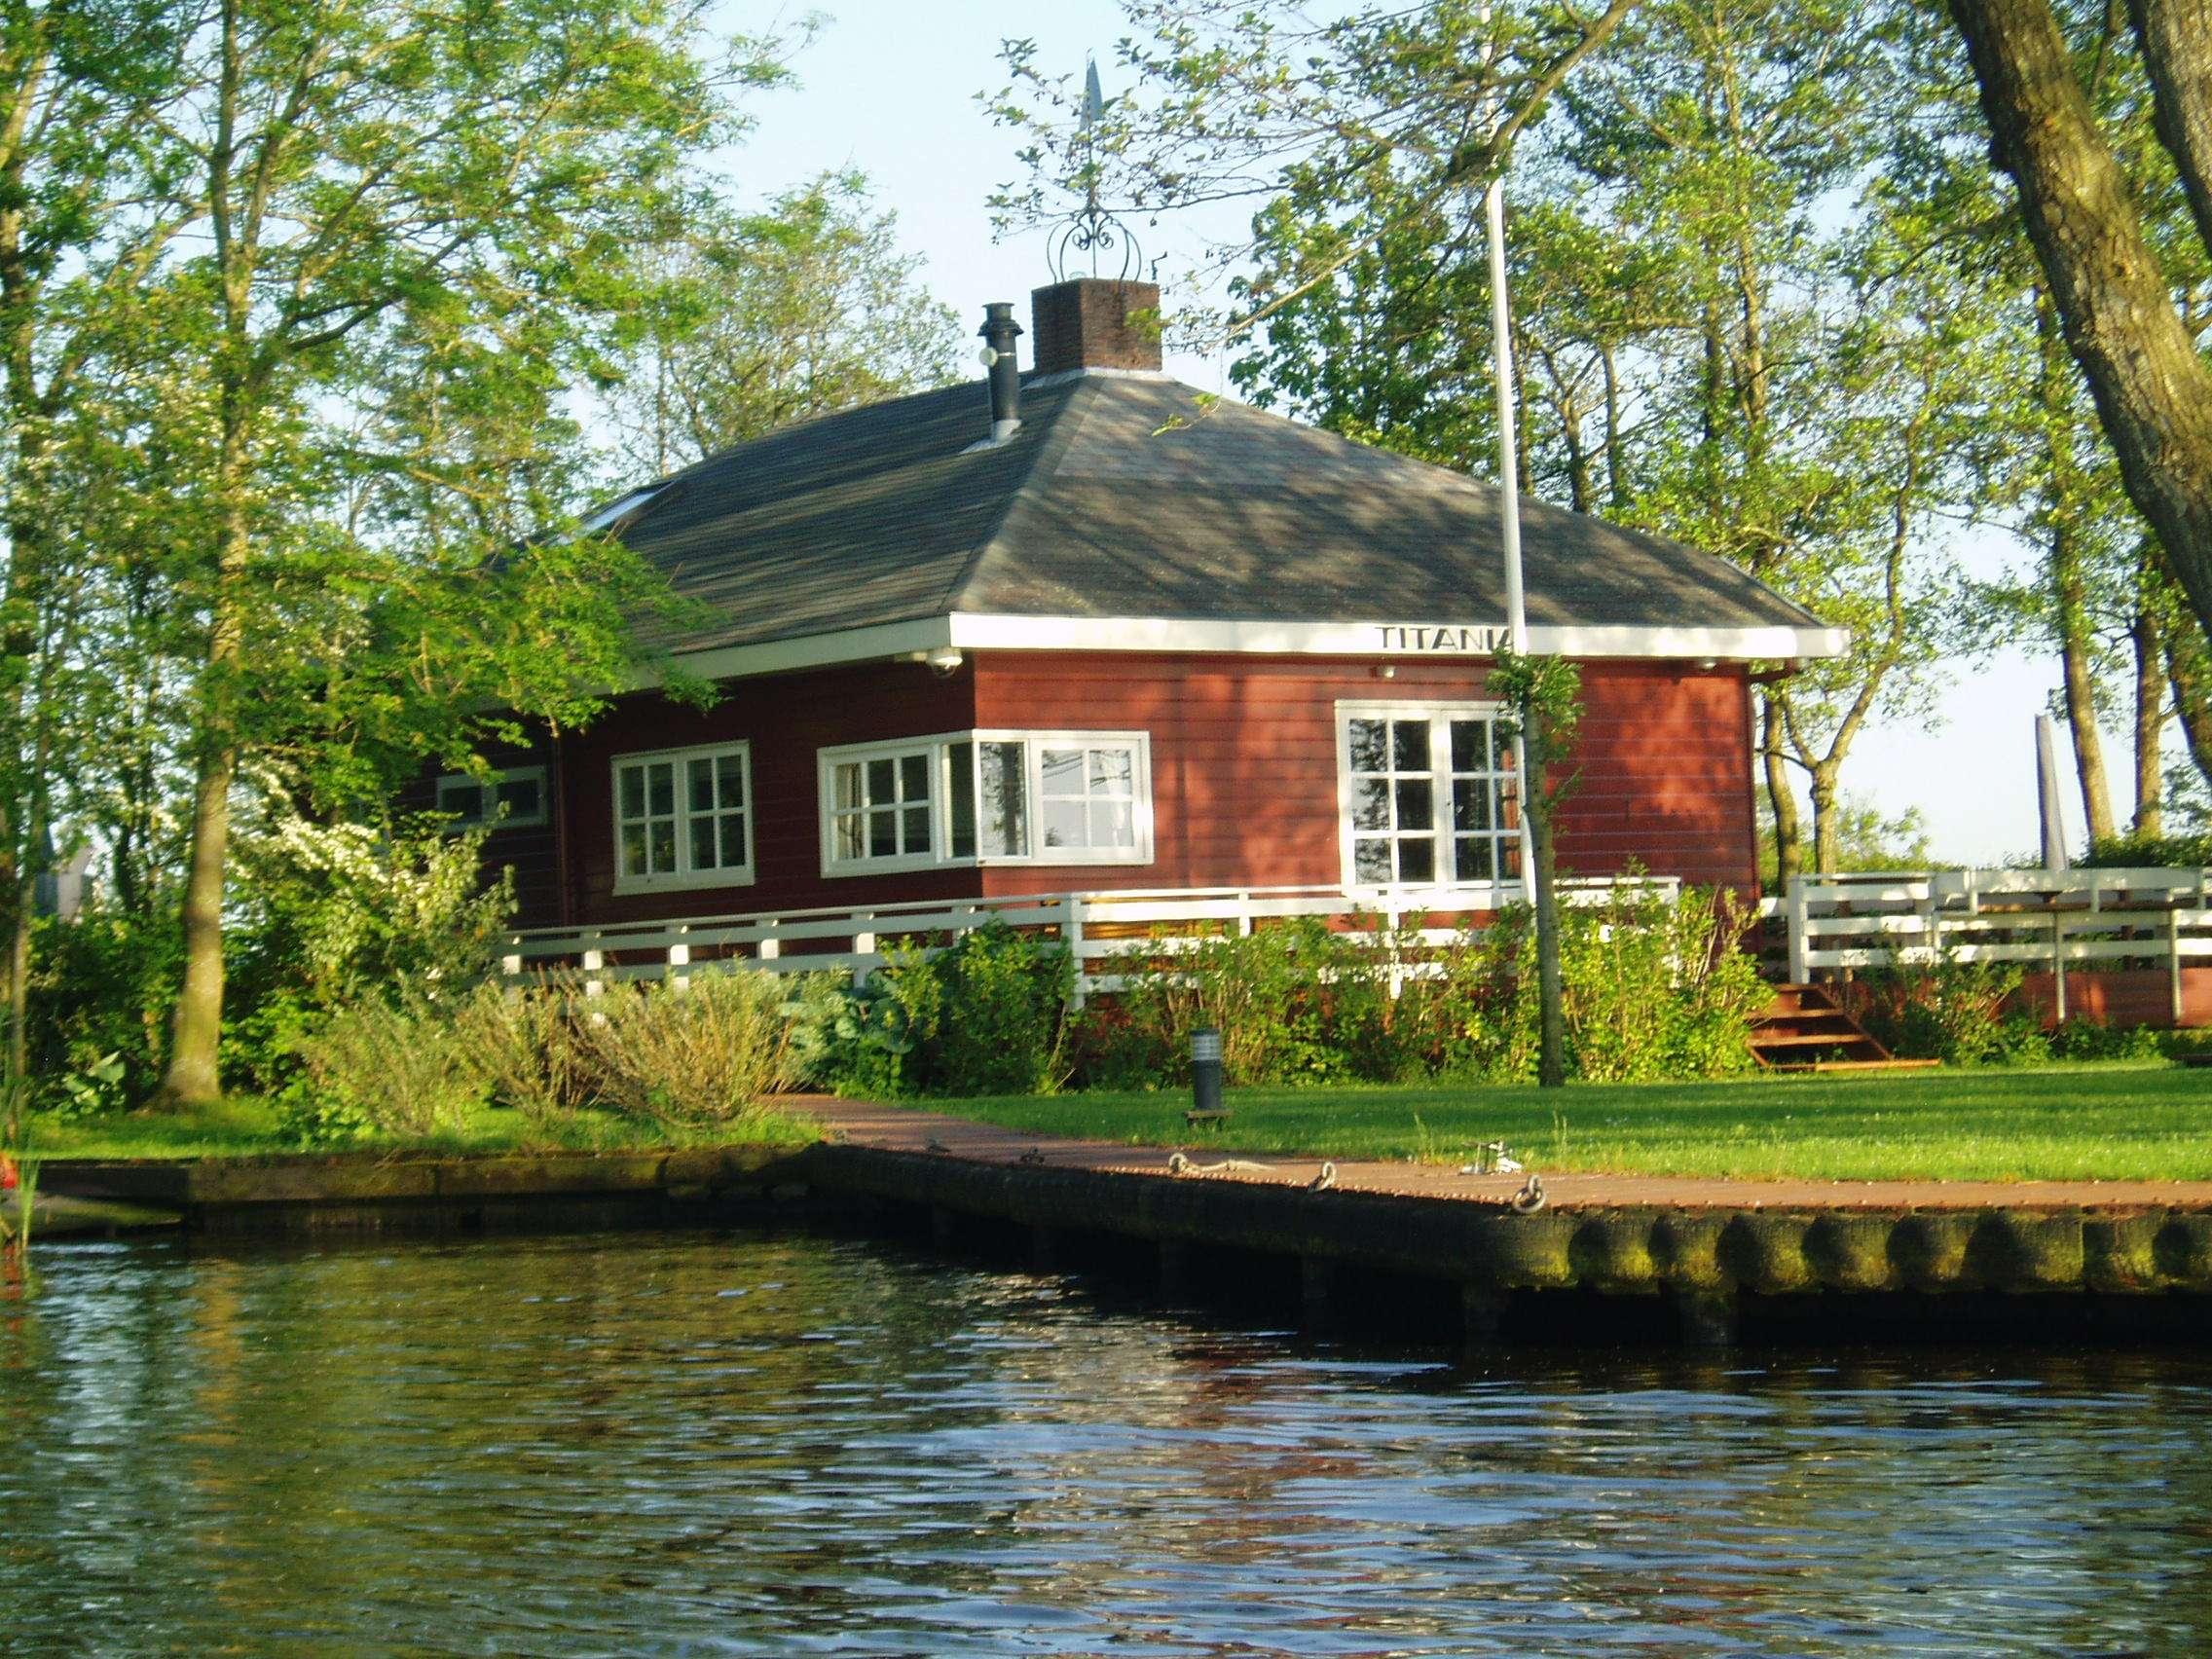 Vakantiewoningen friesland for Huizen te koop friesland